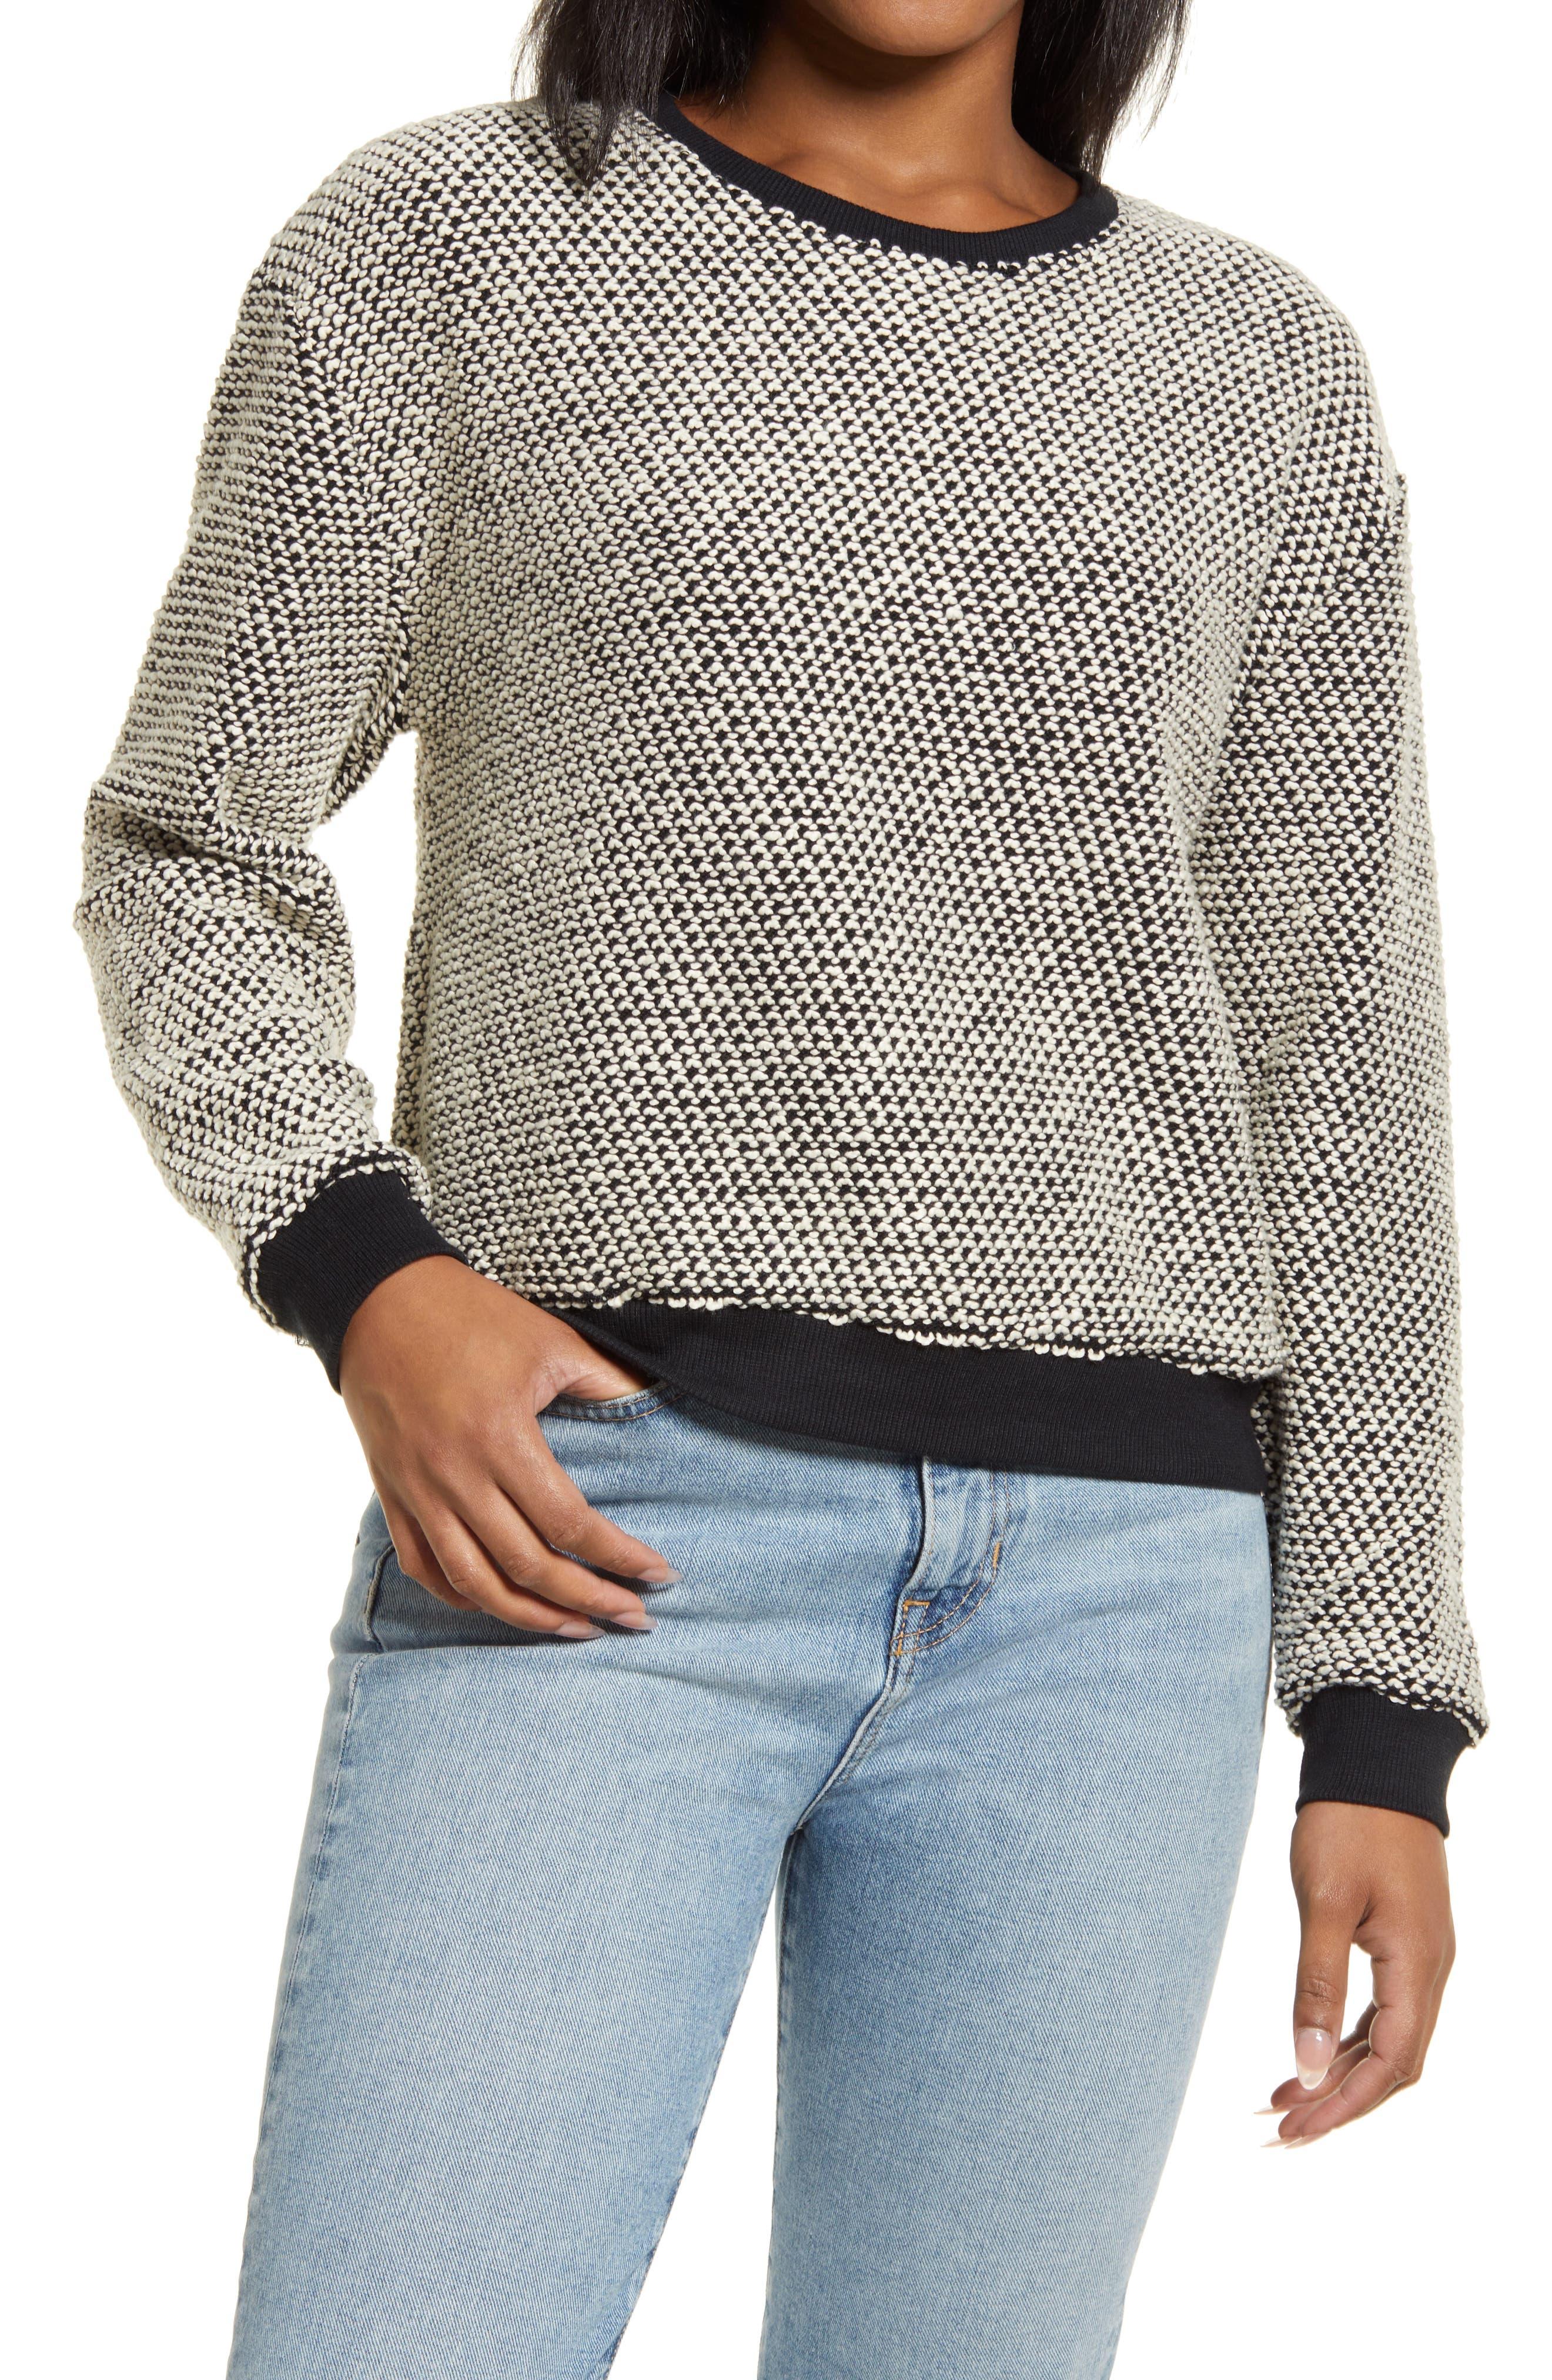 Birdseye Sweatshirt